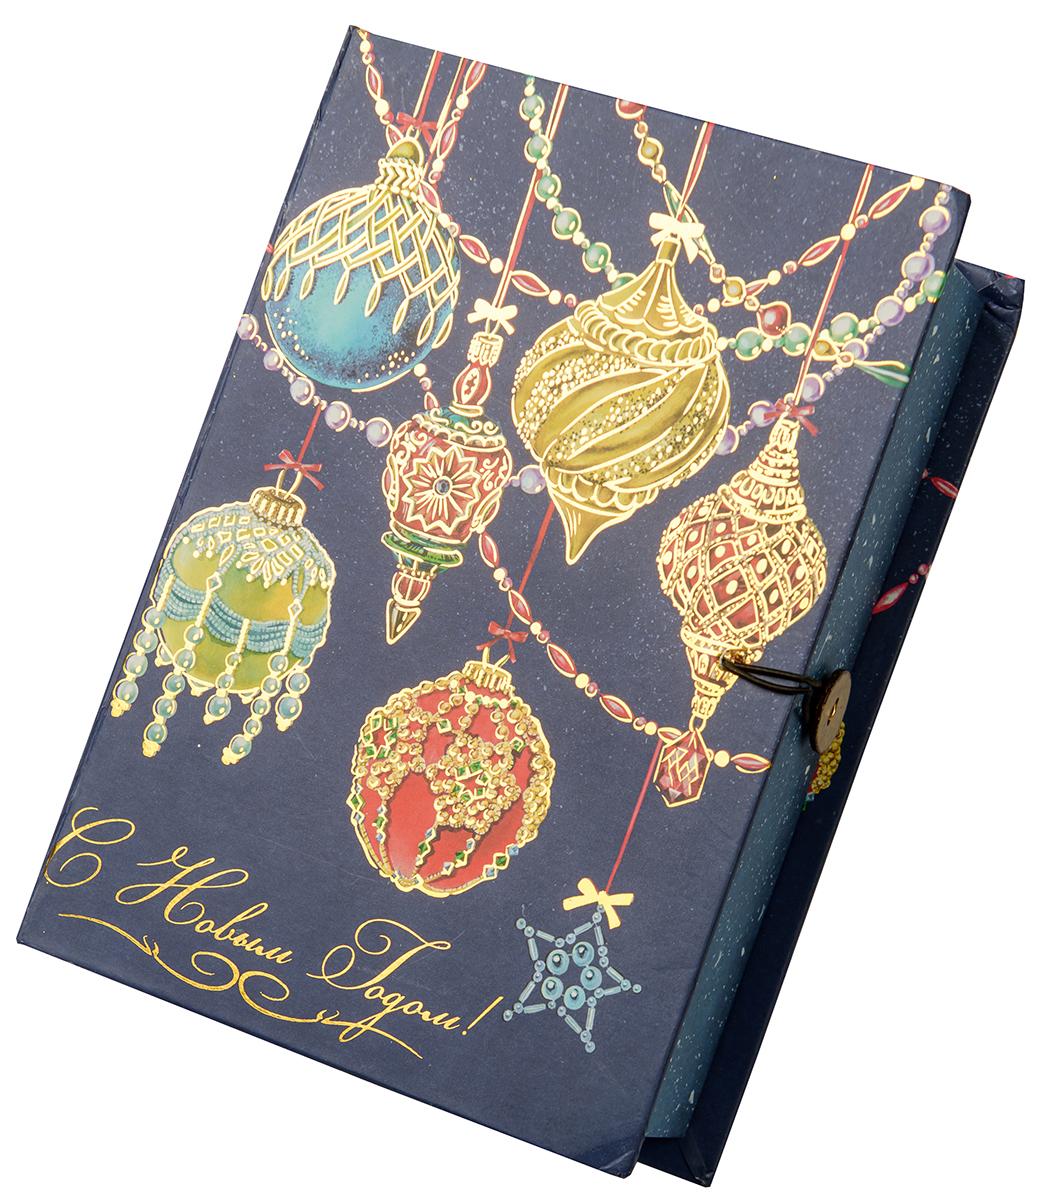 Коробка подарочная Magic Time Яркие игрушки, размер M. 7501775017Подарочная коробка Magic Time, выполненная из мелованного, ламинированного картона, закрывается на пуговицу. Крышка оформлена декоративным рисунком.Подарочная коробка - это наилучшее решение, если вы хотите порадовать ваших близких и создать праздничное настроение, ведь подарок, преподнесенный в оригинальной упаковке, всегда будет самым эффектным и запоминающимся. Окружите близких людей вниманием и заботой, вручив презент в нарядном, праздничном оформлении.Плотность картона: 1100 г/м2.